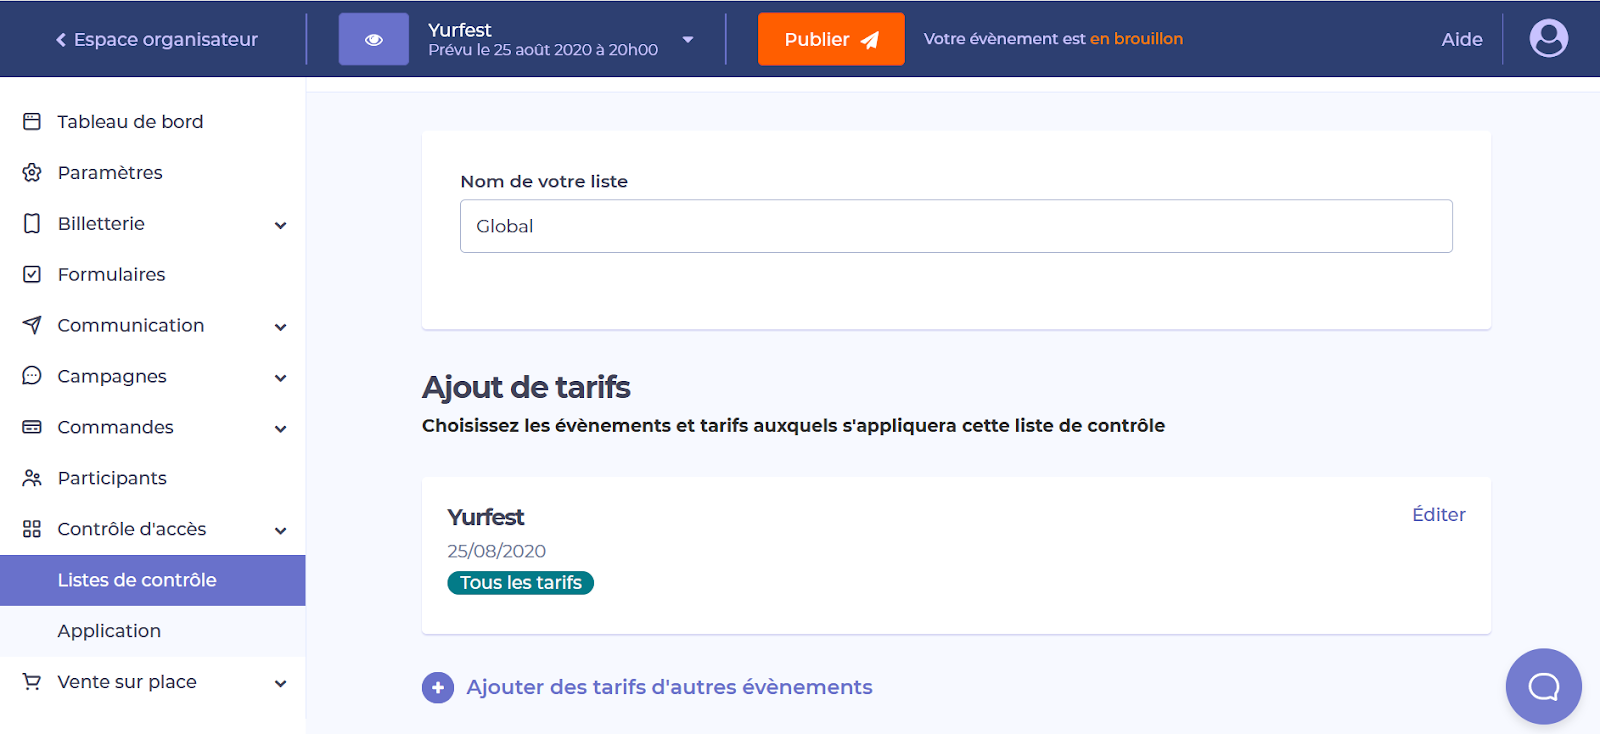 Capture d'écran de la plateforme Yurplan montrant la possibilité d'ajouter les tarifs d'autres évènements à sa liste de contrôle